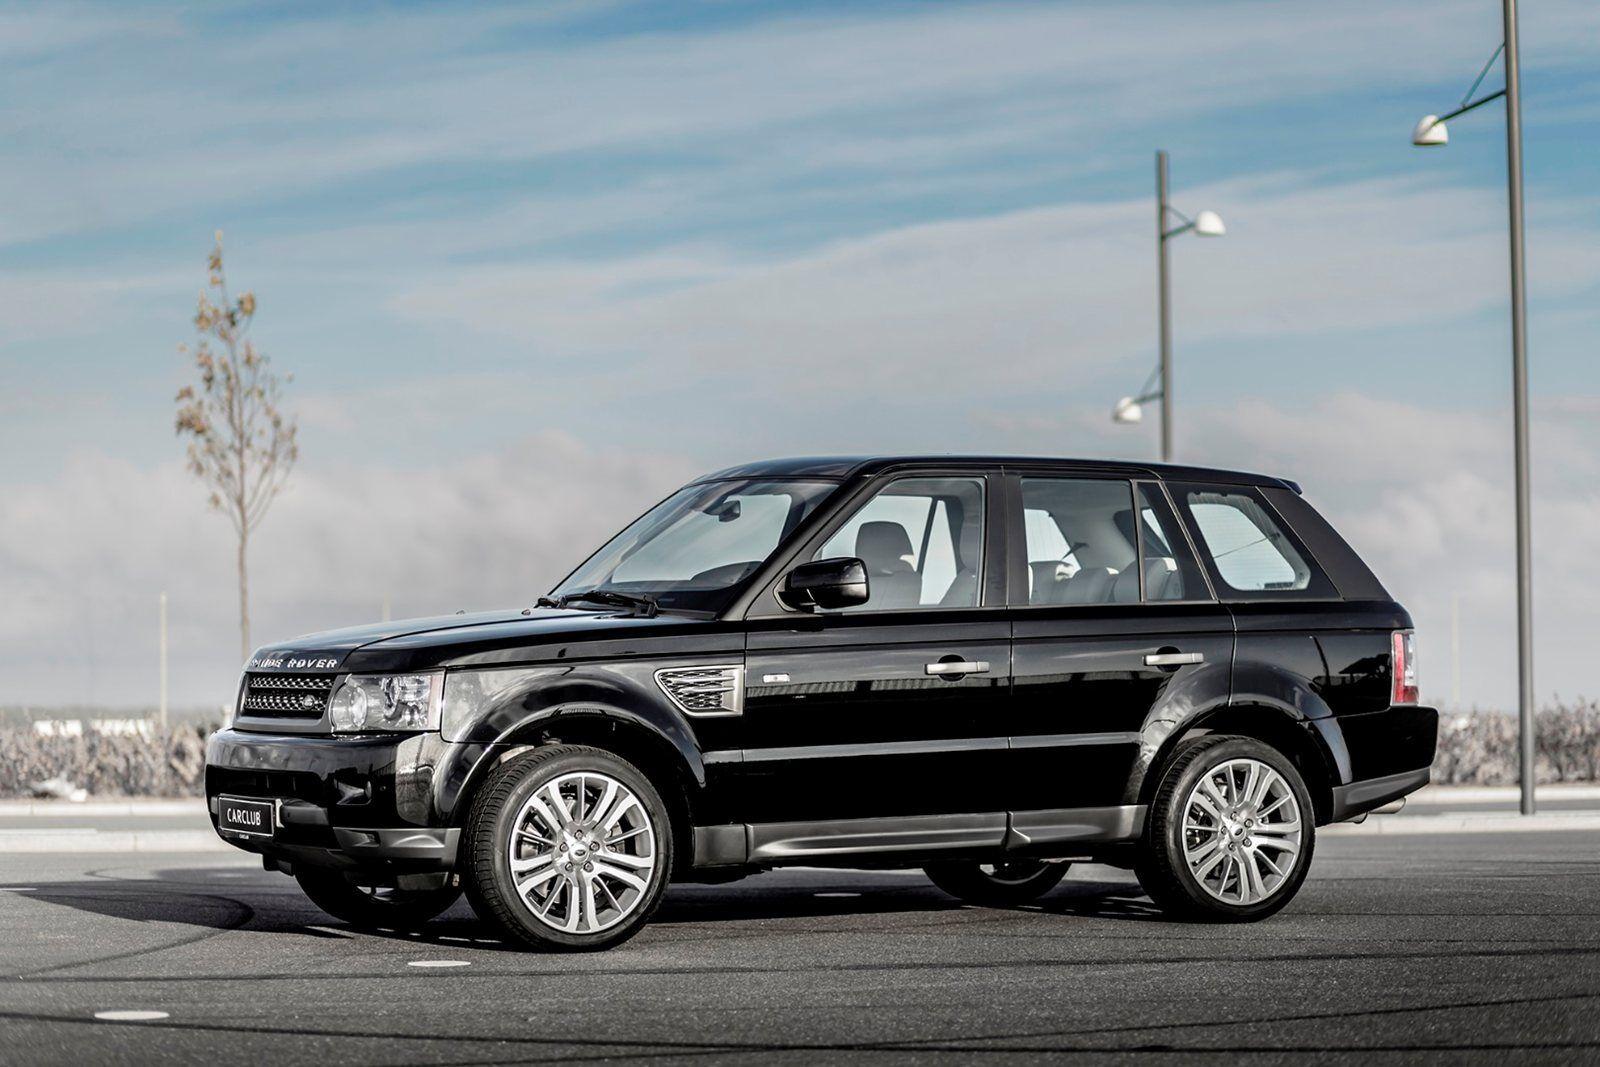 Land Rover Range Rover Sport 3,0 TDV6 HSE aut. 5d - 425.000 kr.